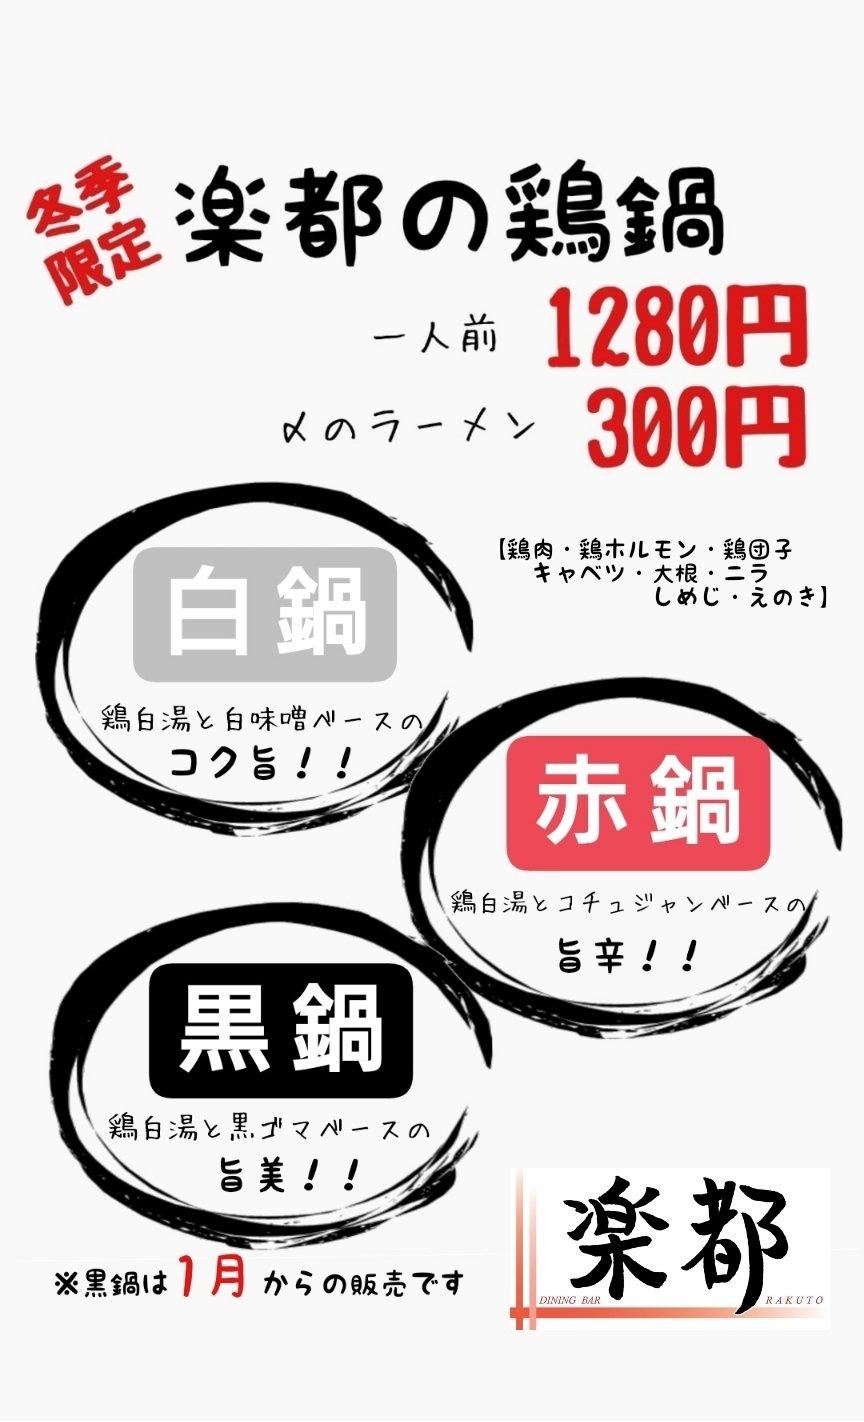 【楽都】シフト【11/20~26マデ】【ダイニングバー楽都】